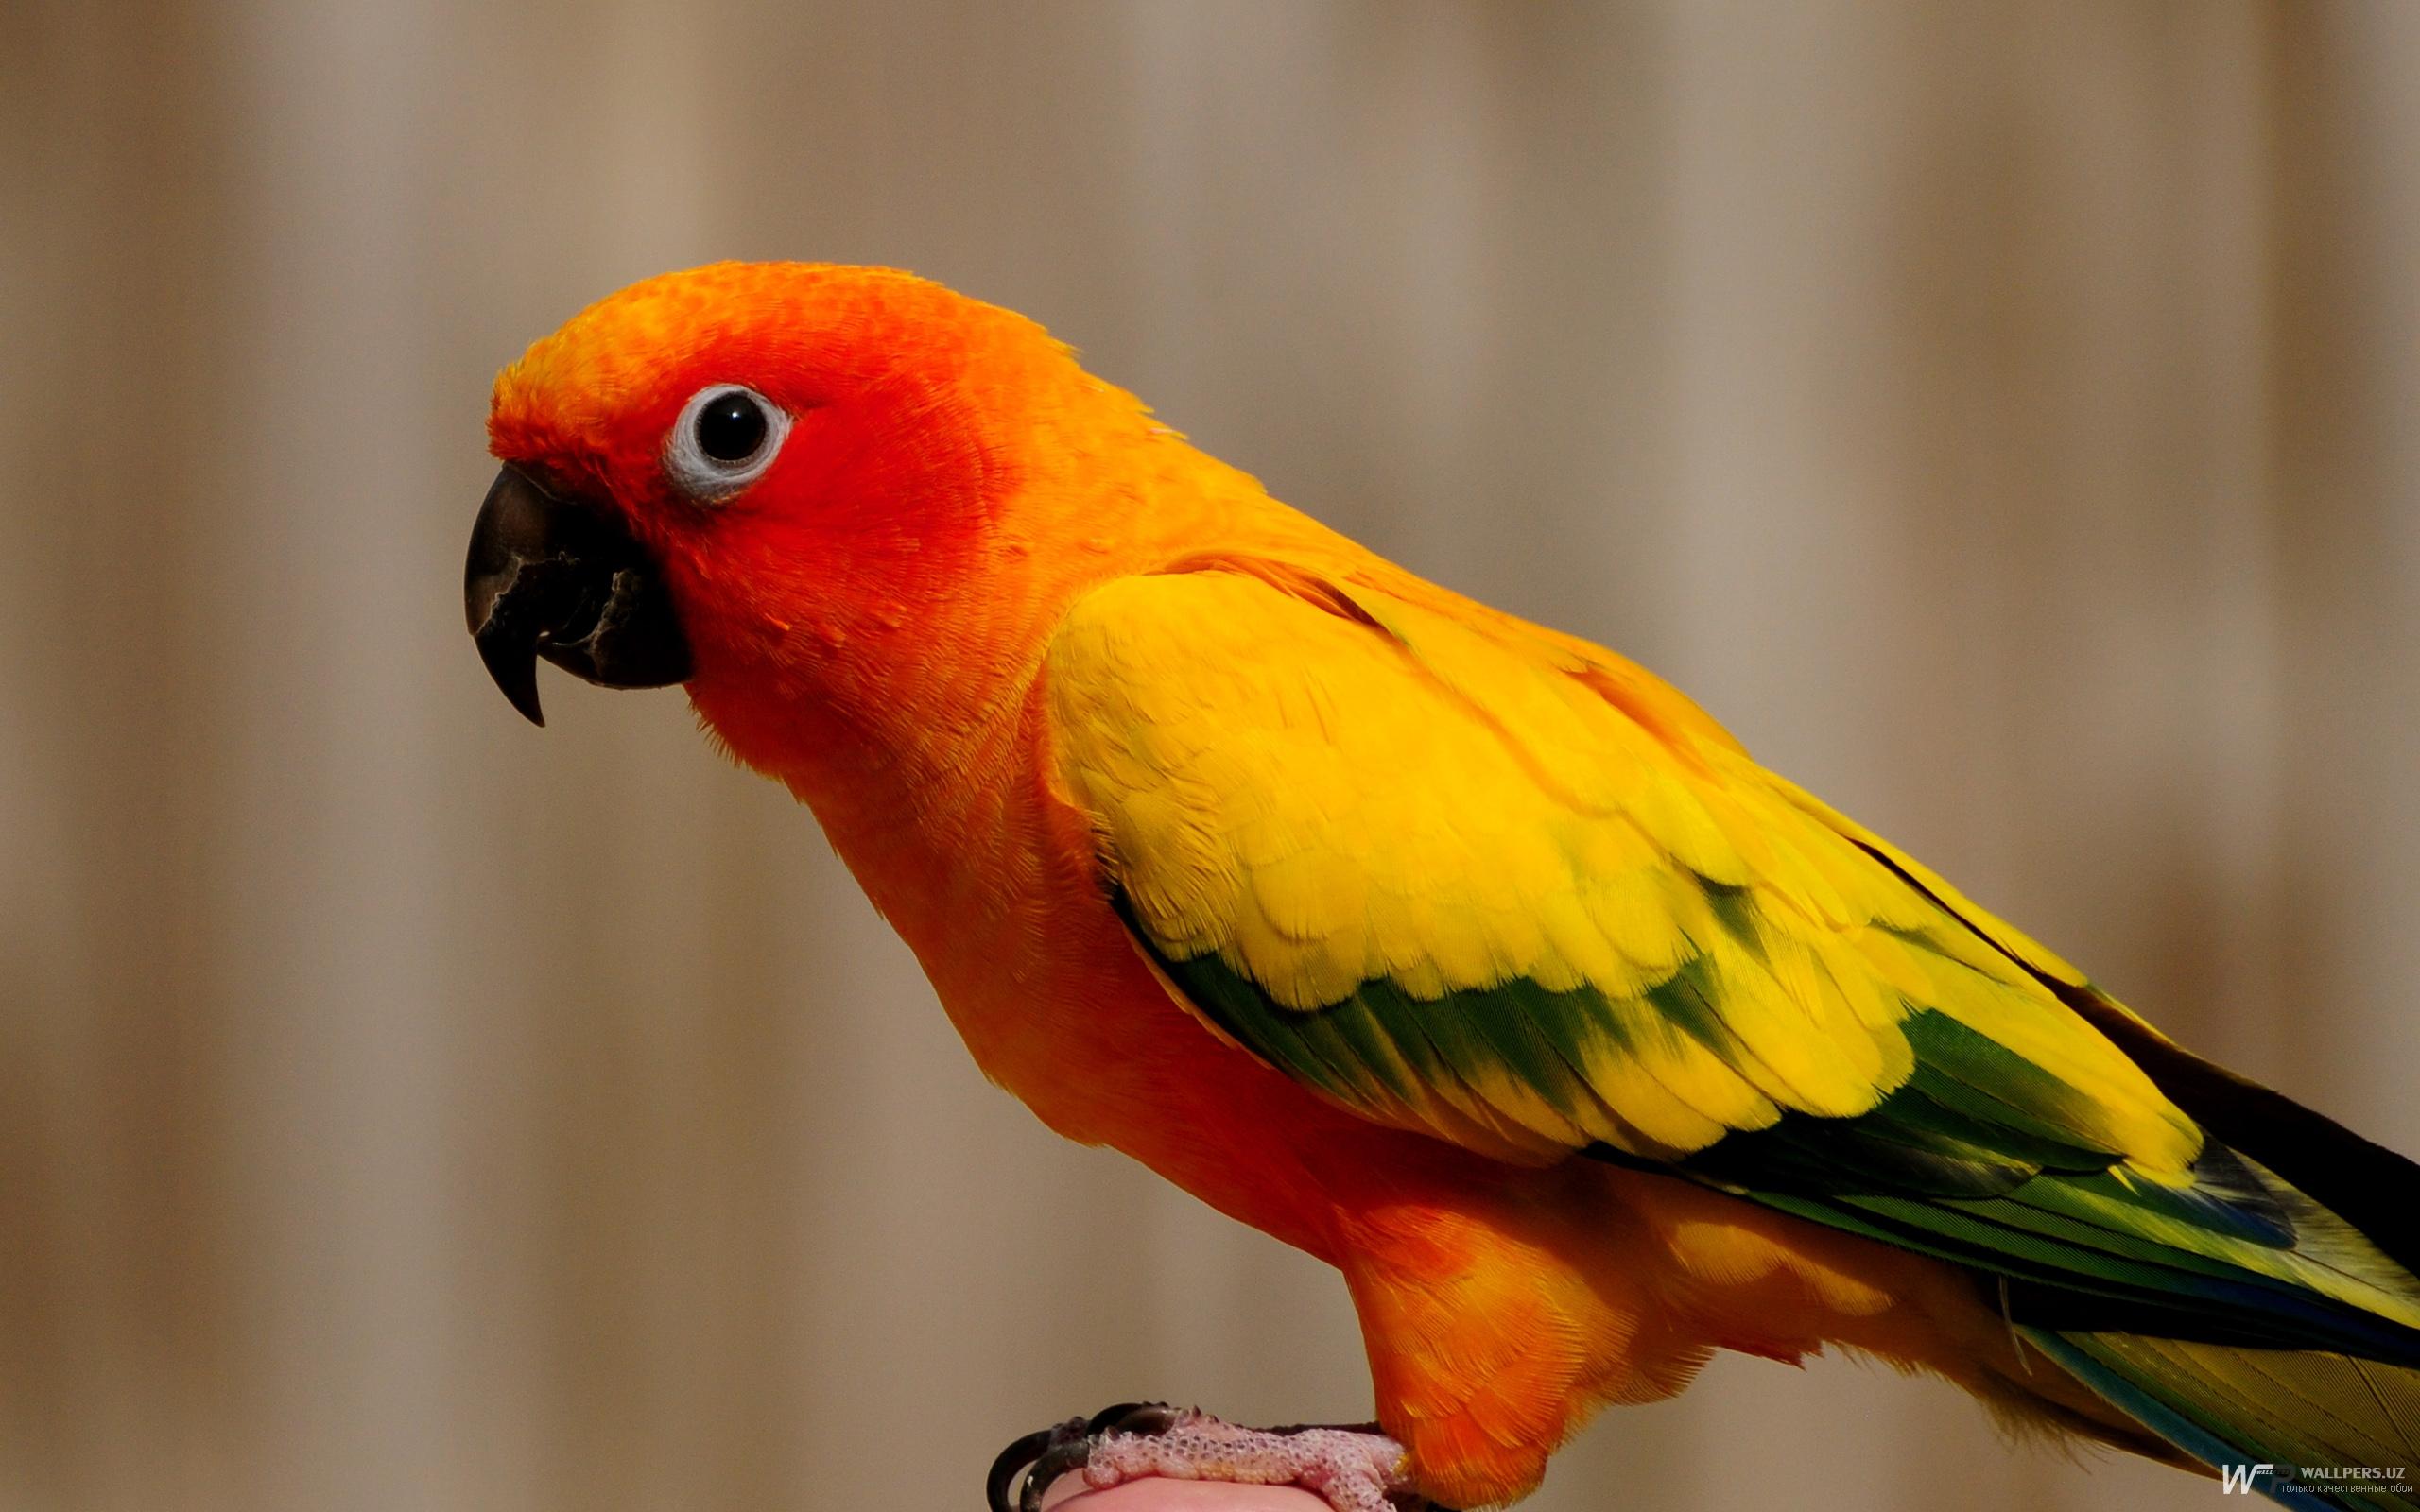 разноцветный попугай, скачать фото, обои для рабочего стола